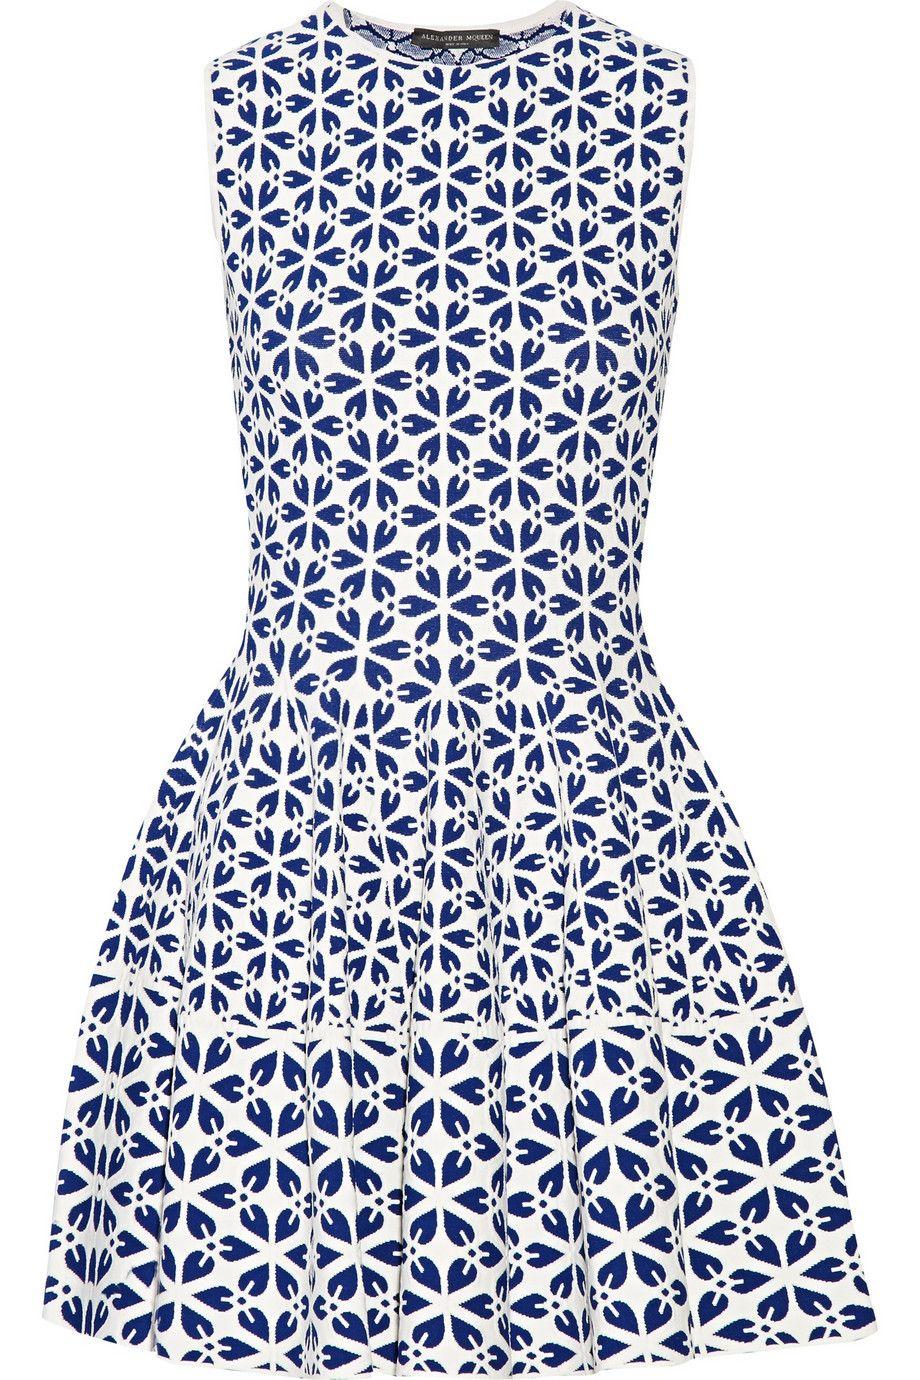 Alexander Mcqueen Jacquard Knit Mini Dress Net A